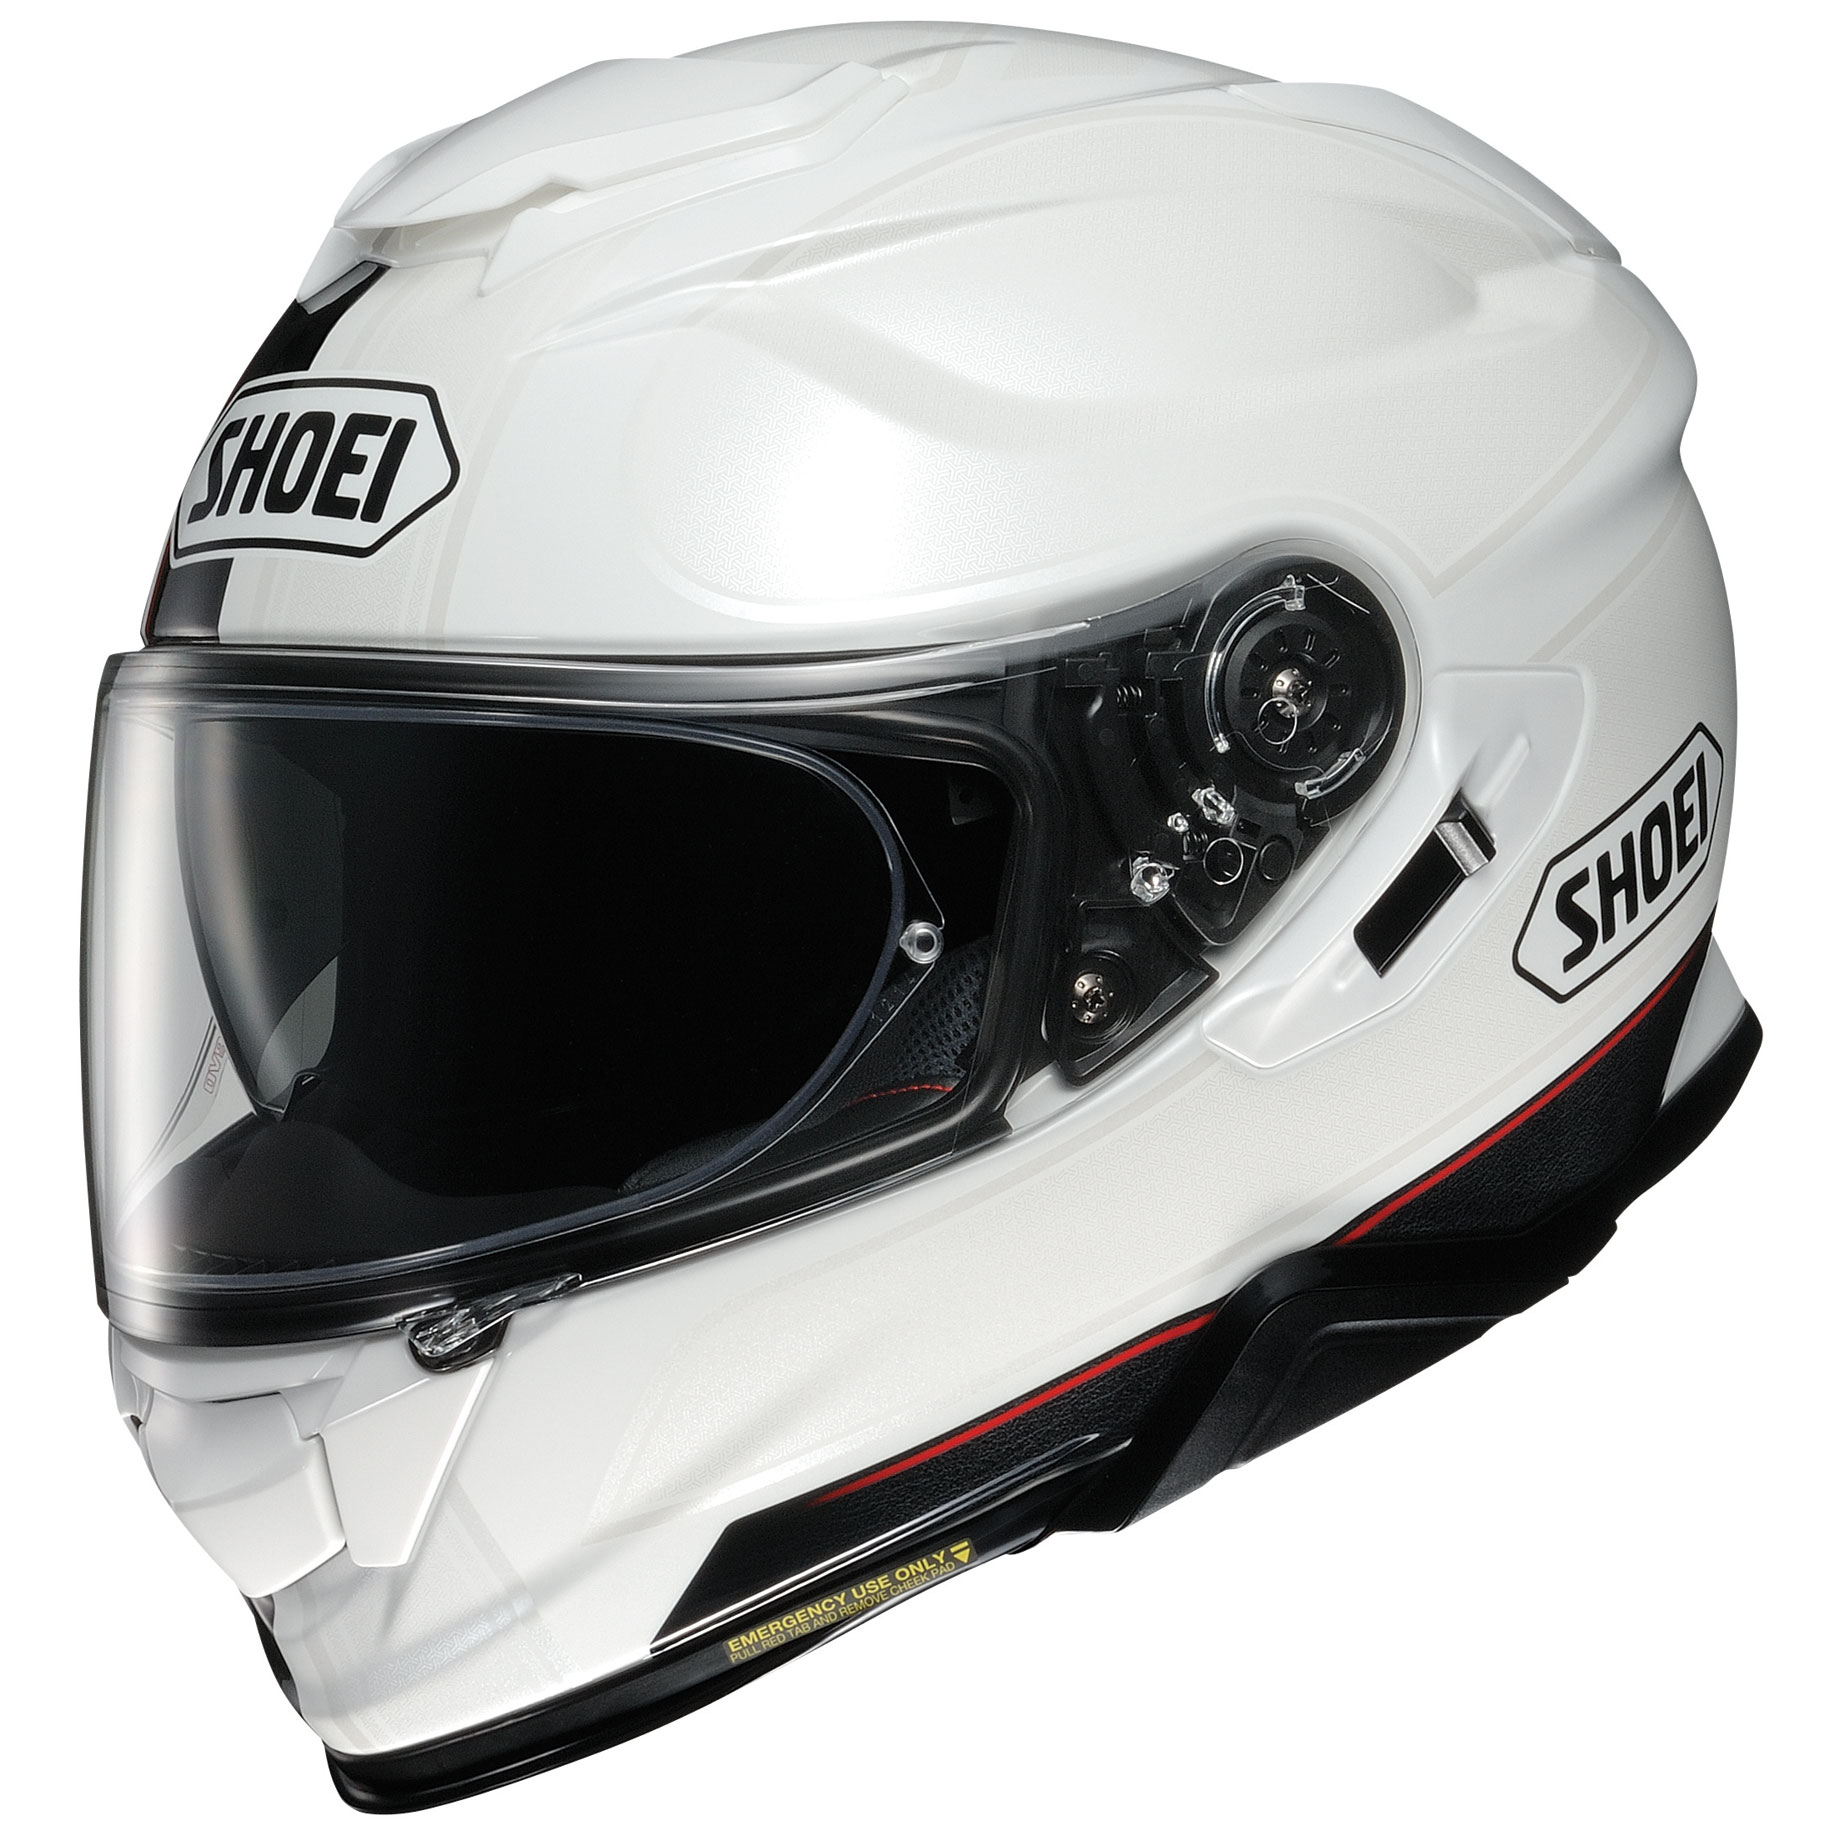 Shoei GT-Air II Redux White/Black Full Face Helmet